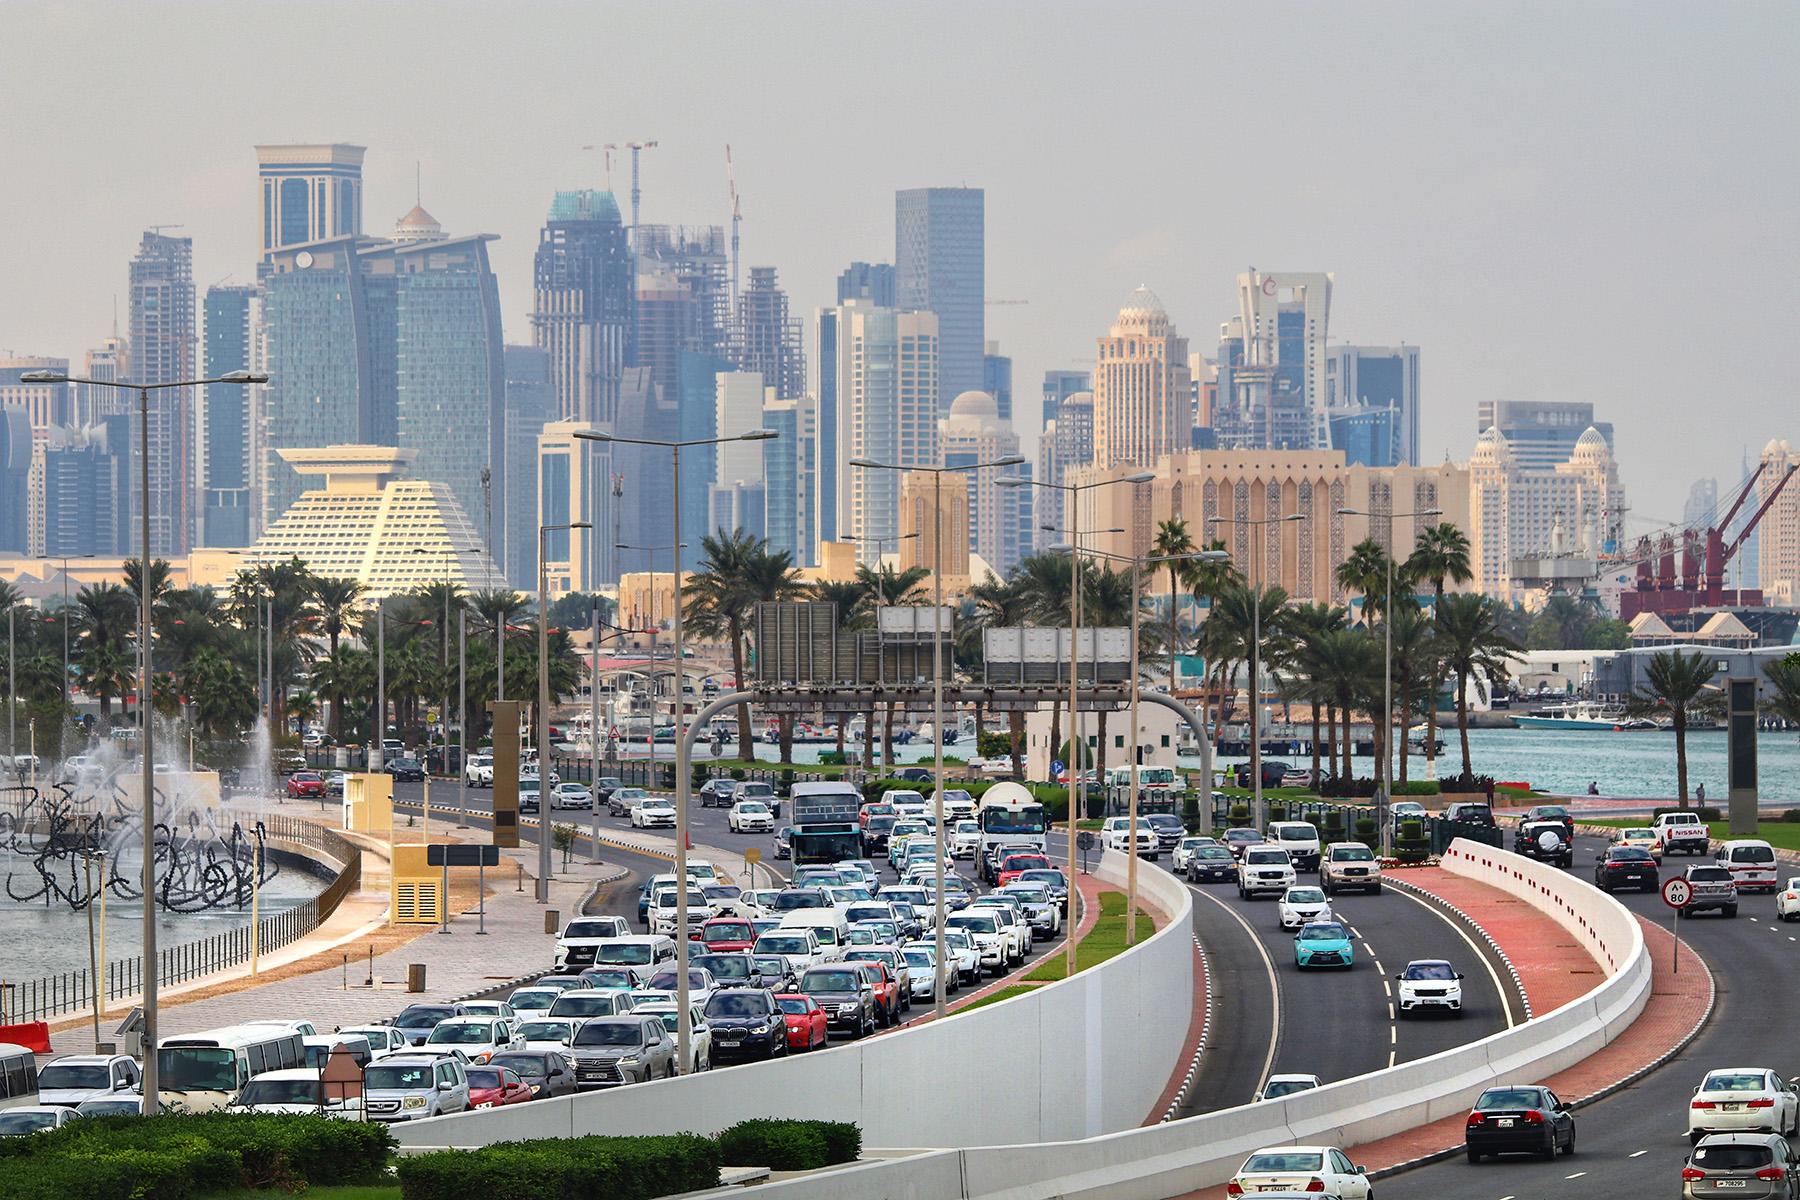 Traffic jam in Doha